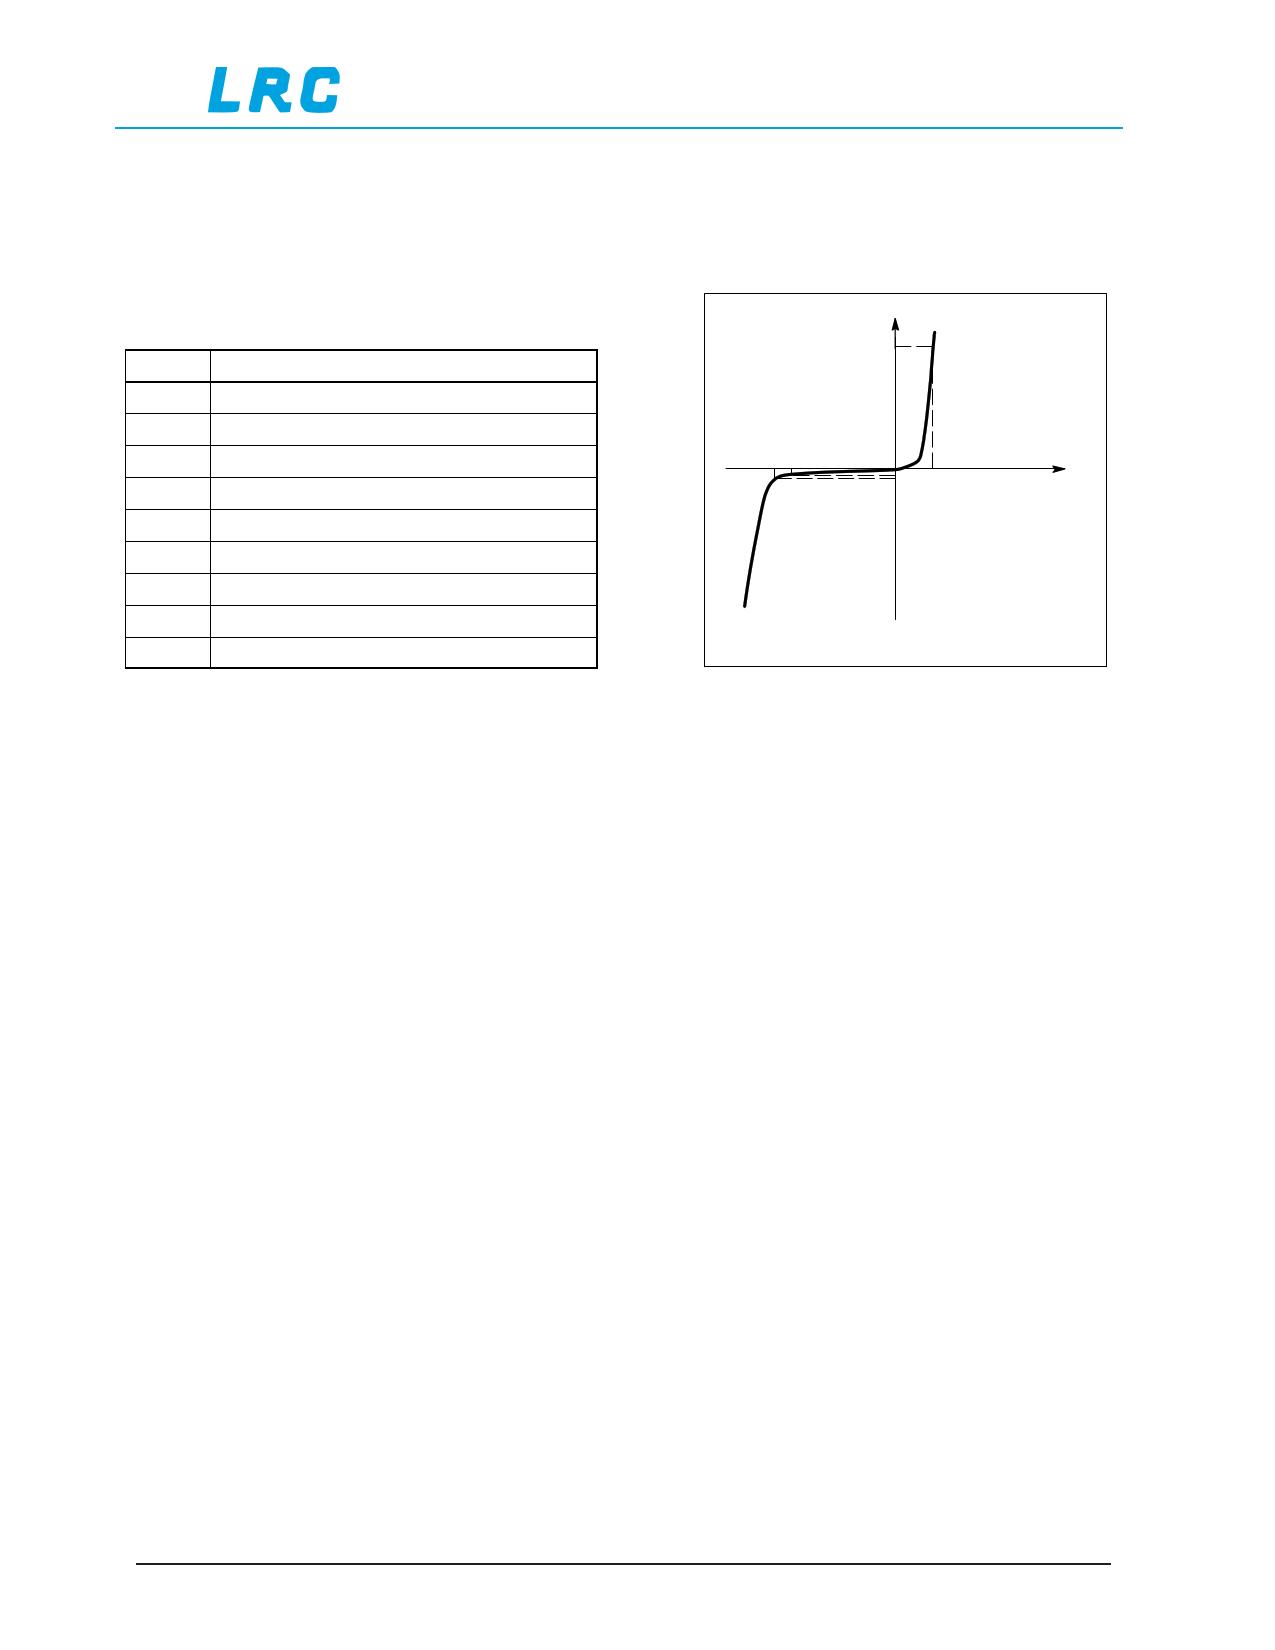 LMSZ5243BT1G pdf, schematic